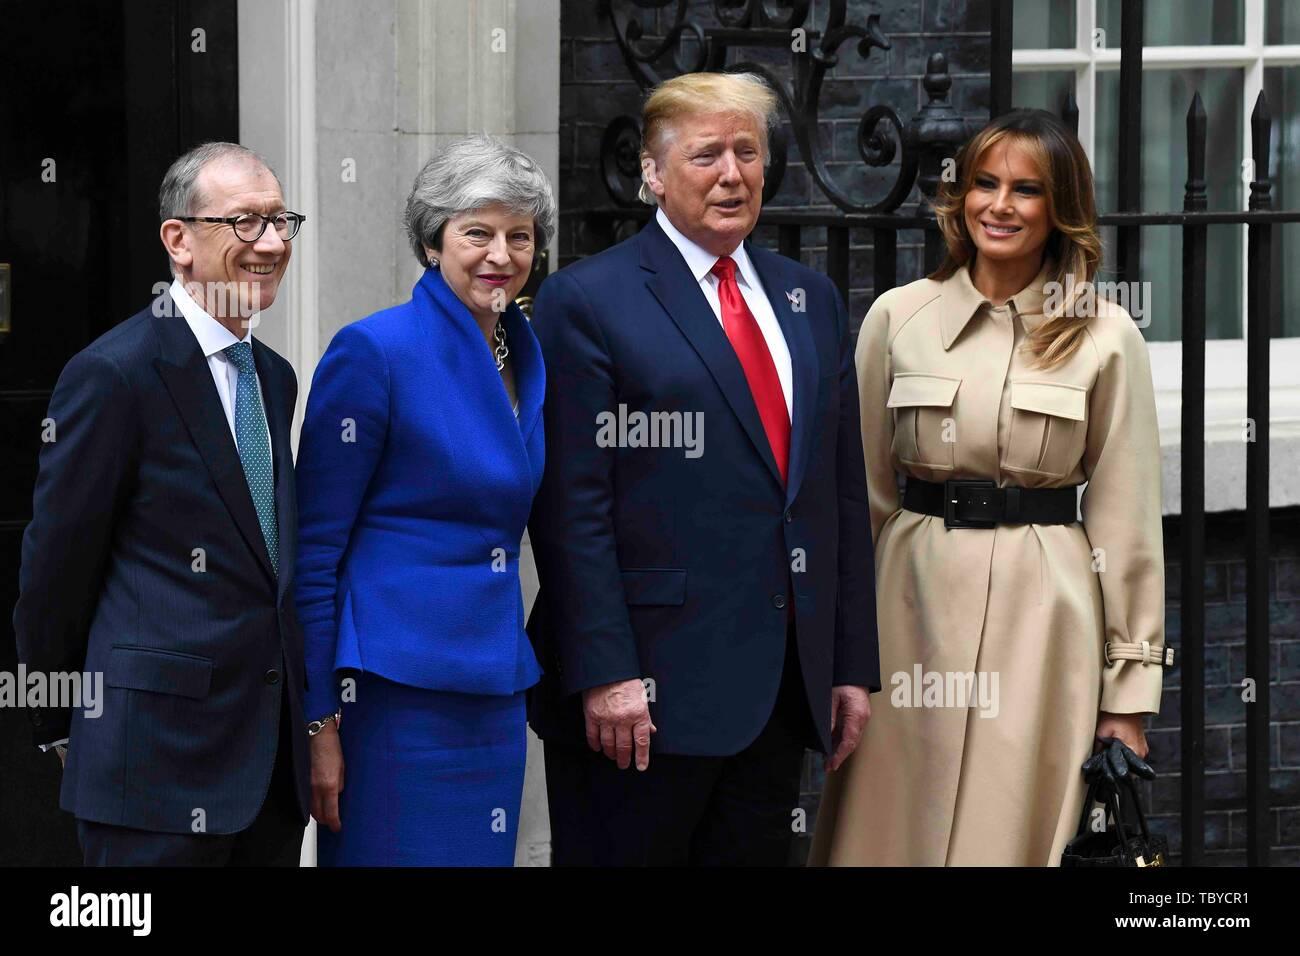 Londres, Royaume-Uni. 4 juin, 2019. Le Président américain Donald Trump (2e R) et de la Première Dame Melania Trump (1e R) de poser pour des photos avec le Premier ministre britannique Theresa May (2e L) et son mari Philip mai (1ère L) au 10 Downing Street à Londres, Angleterre le 4 juin 2019. Credit: Alberto Pezzali/Xinhua/Alamy Live News Banque D'Images